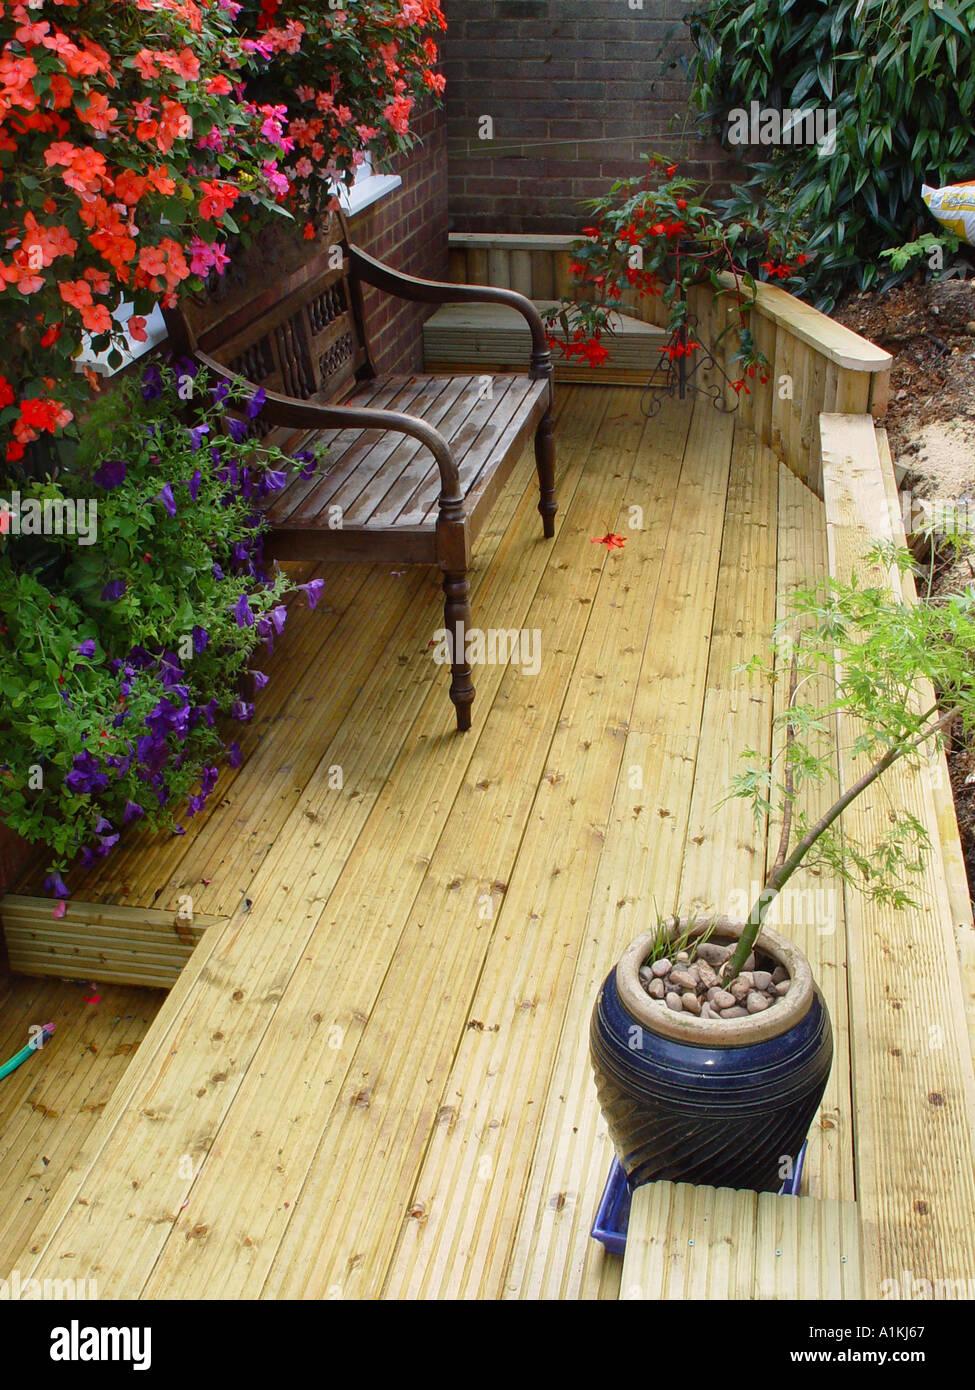 Log Patio Stock Photos & Log Patio Stock Images - Alamy